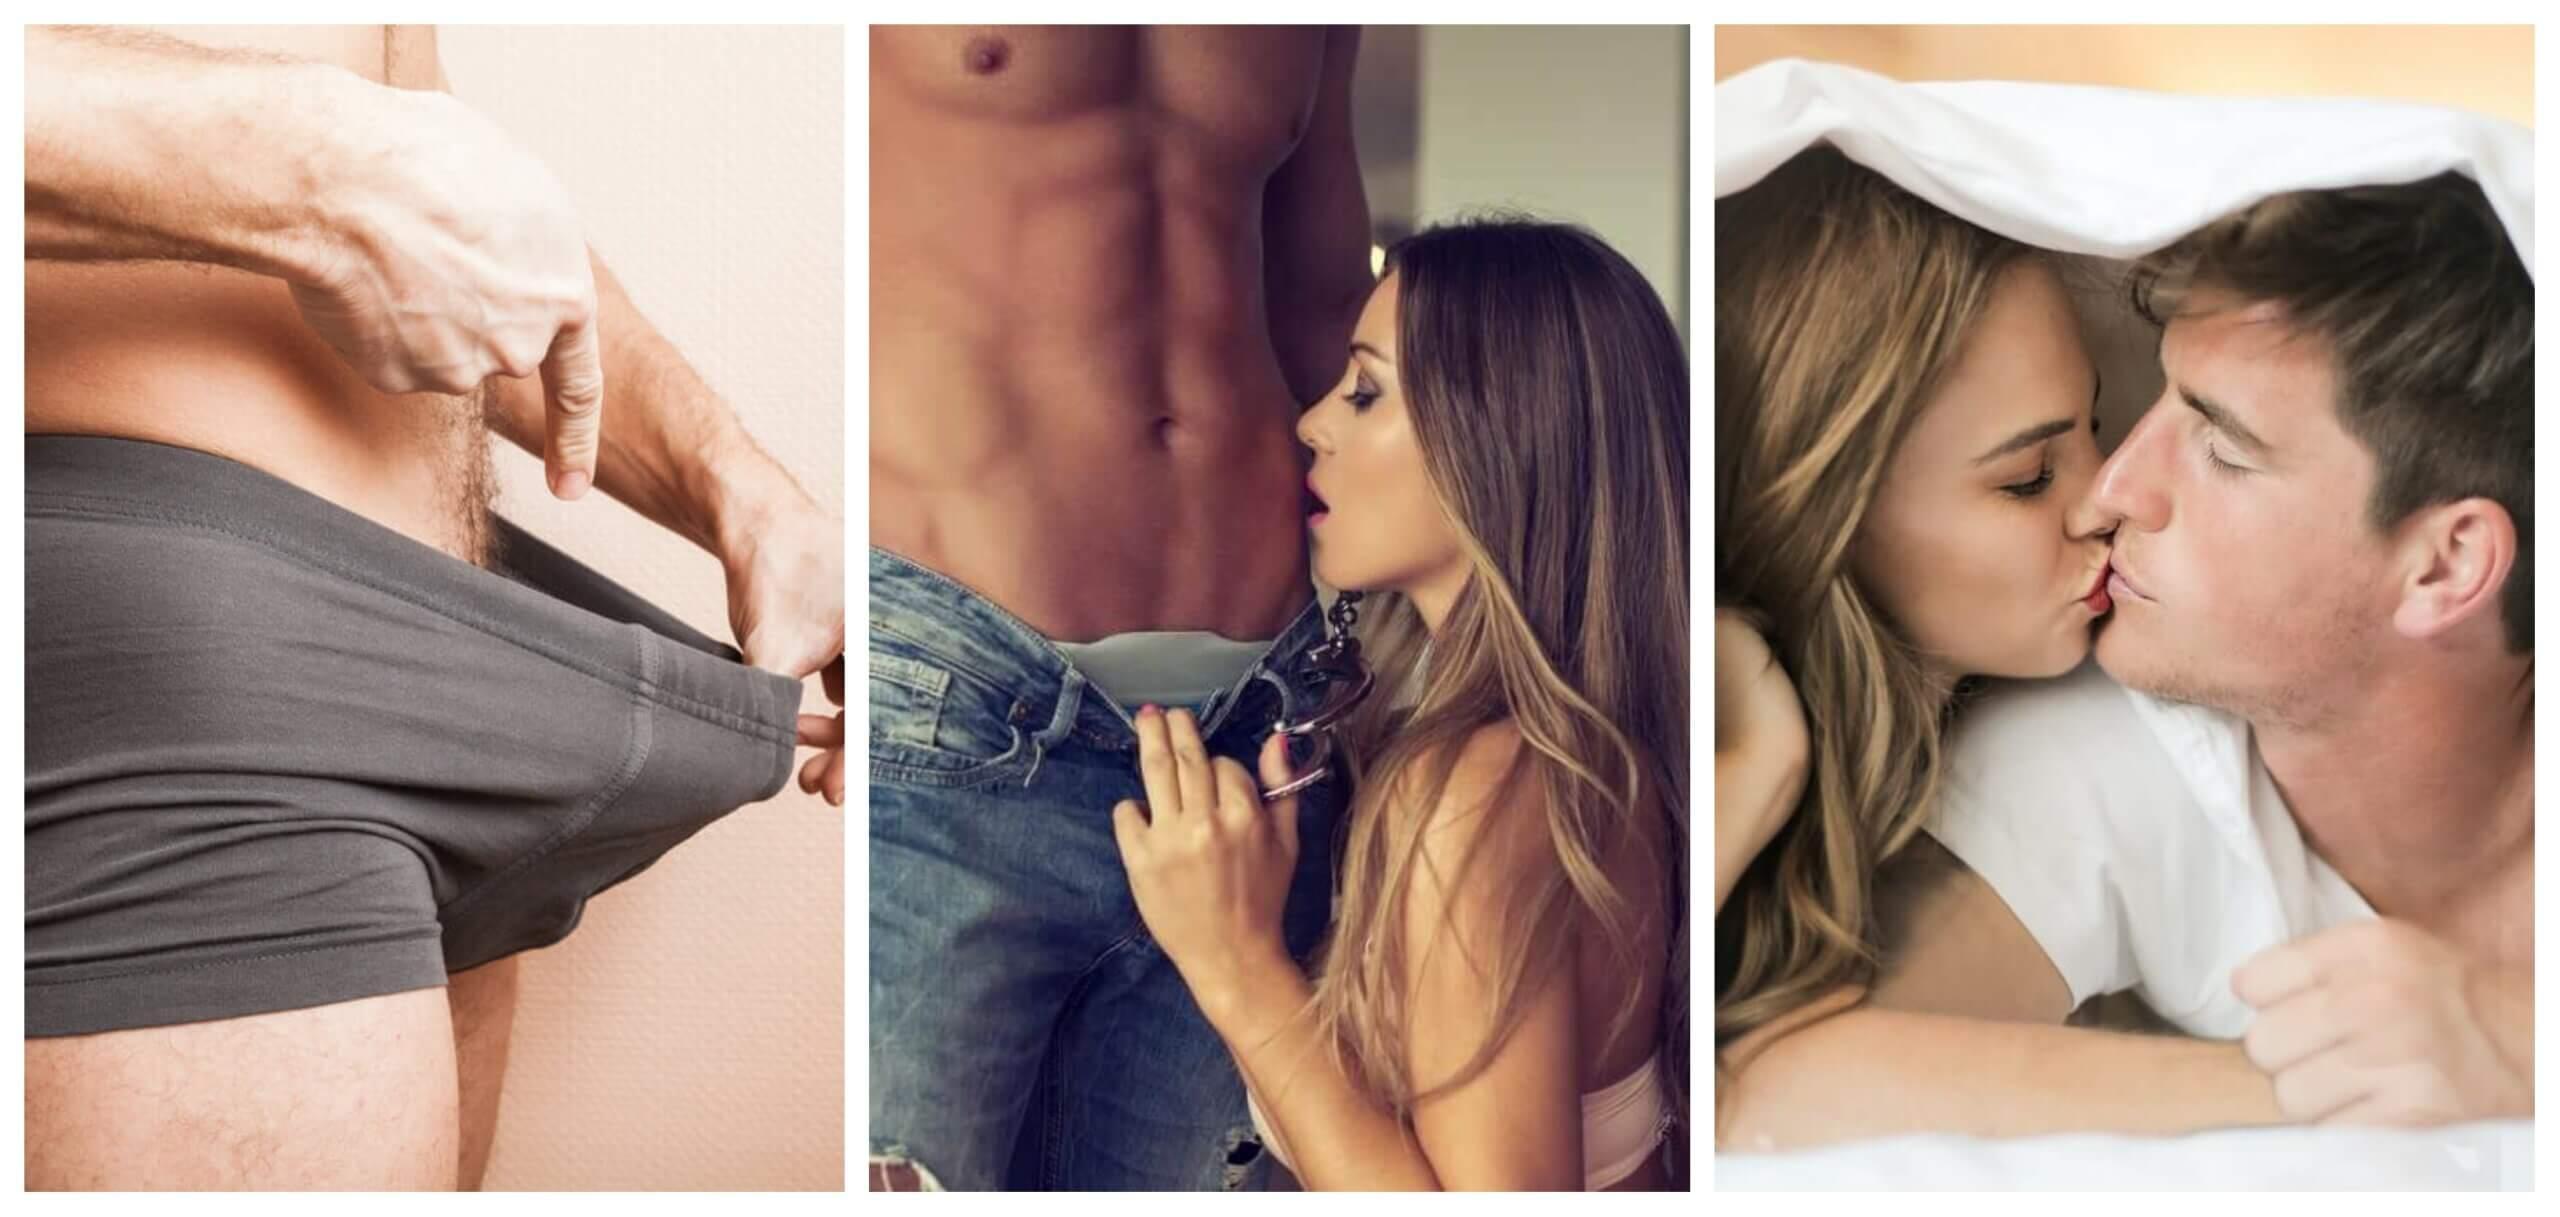 ¿Cómo potenciar la erección de tu pareja?